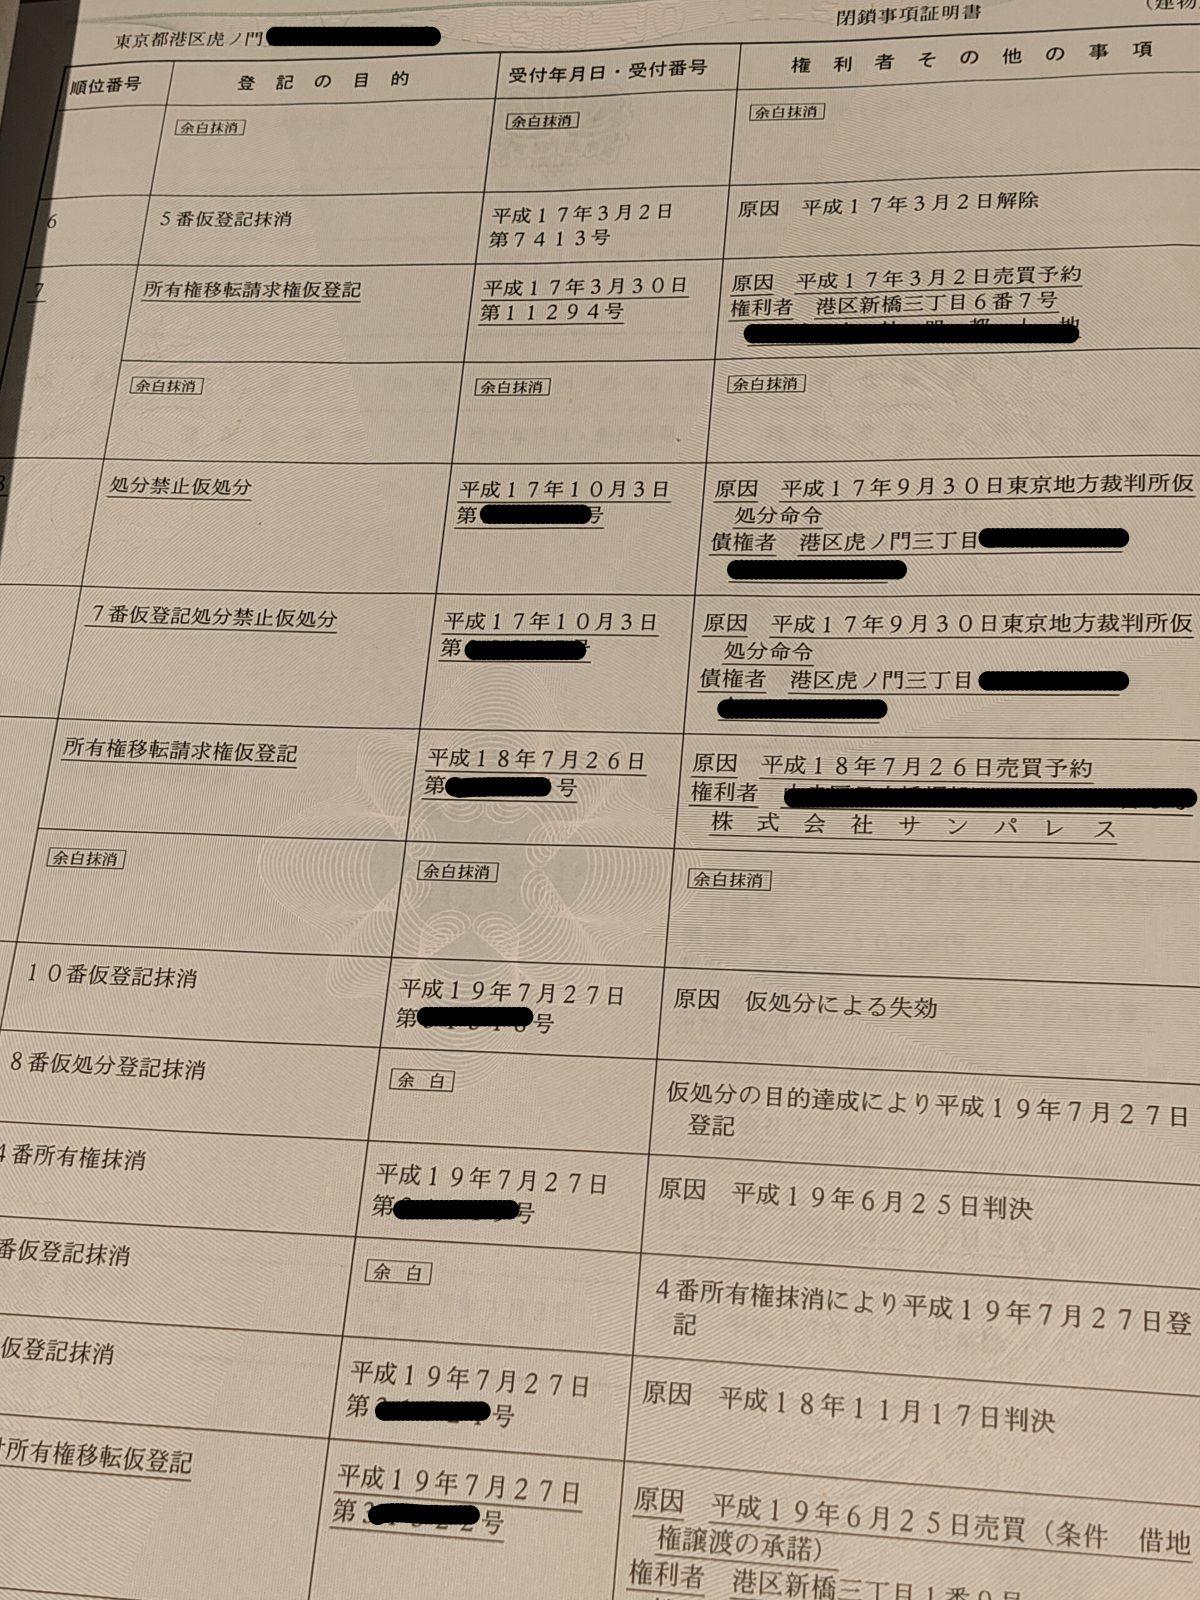 時効直前逮捕なるか!地面師ナスカジャパン今井洋の6000万詐取事件 2